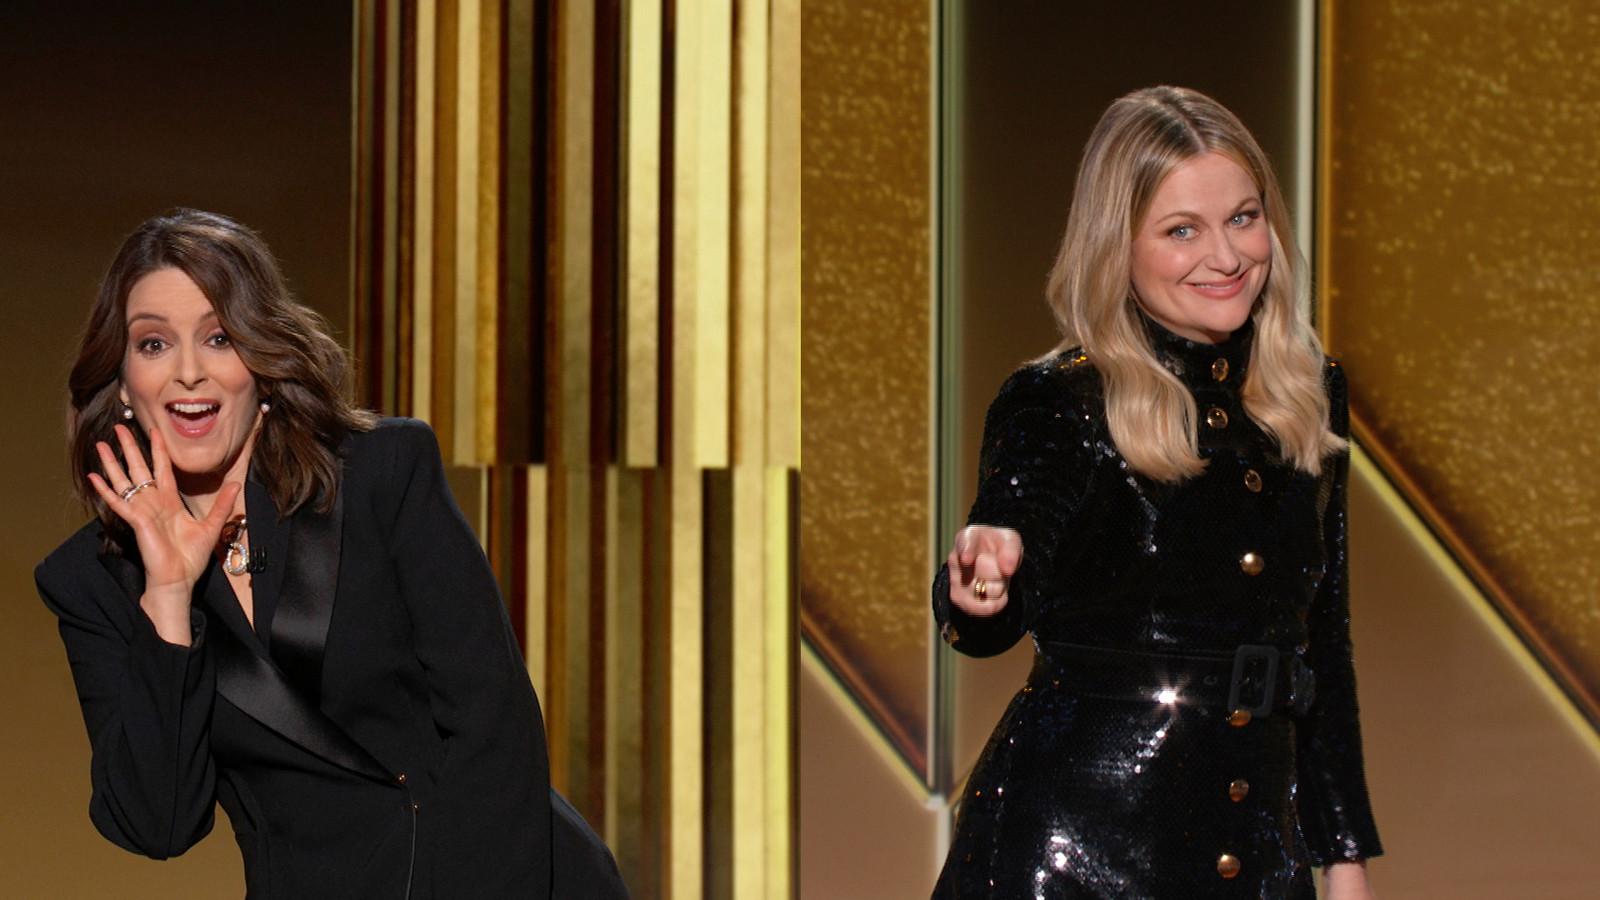 Les hôtes des Golden Globes Tina Fey à gauche depuis New York et Amy Poehler depuis Beverly Hills.